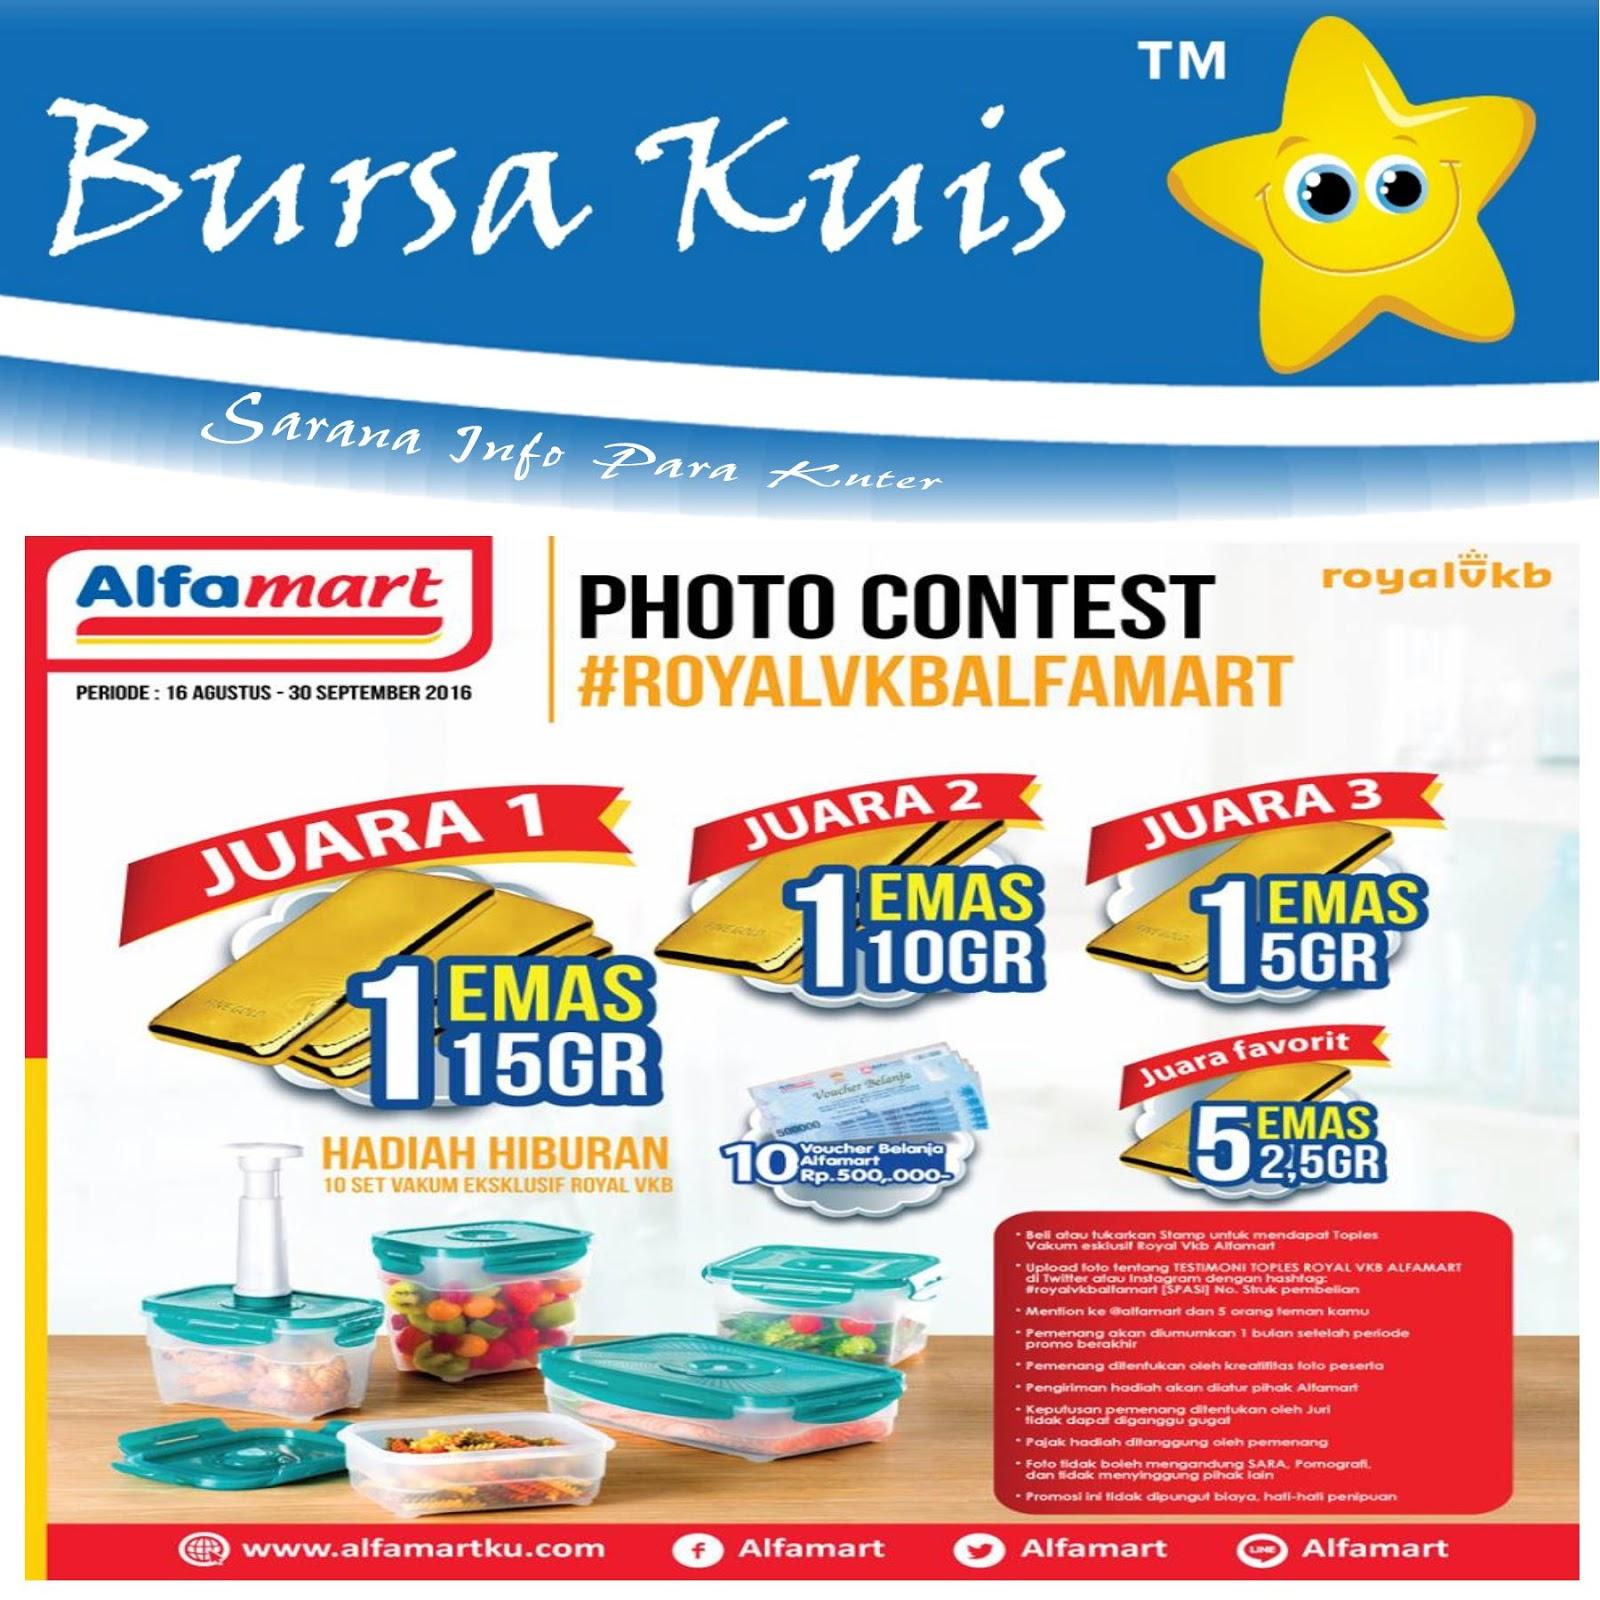 Kontes Foto Royal Vkb Alfamart Berhadiah Emas Batangan Bursa